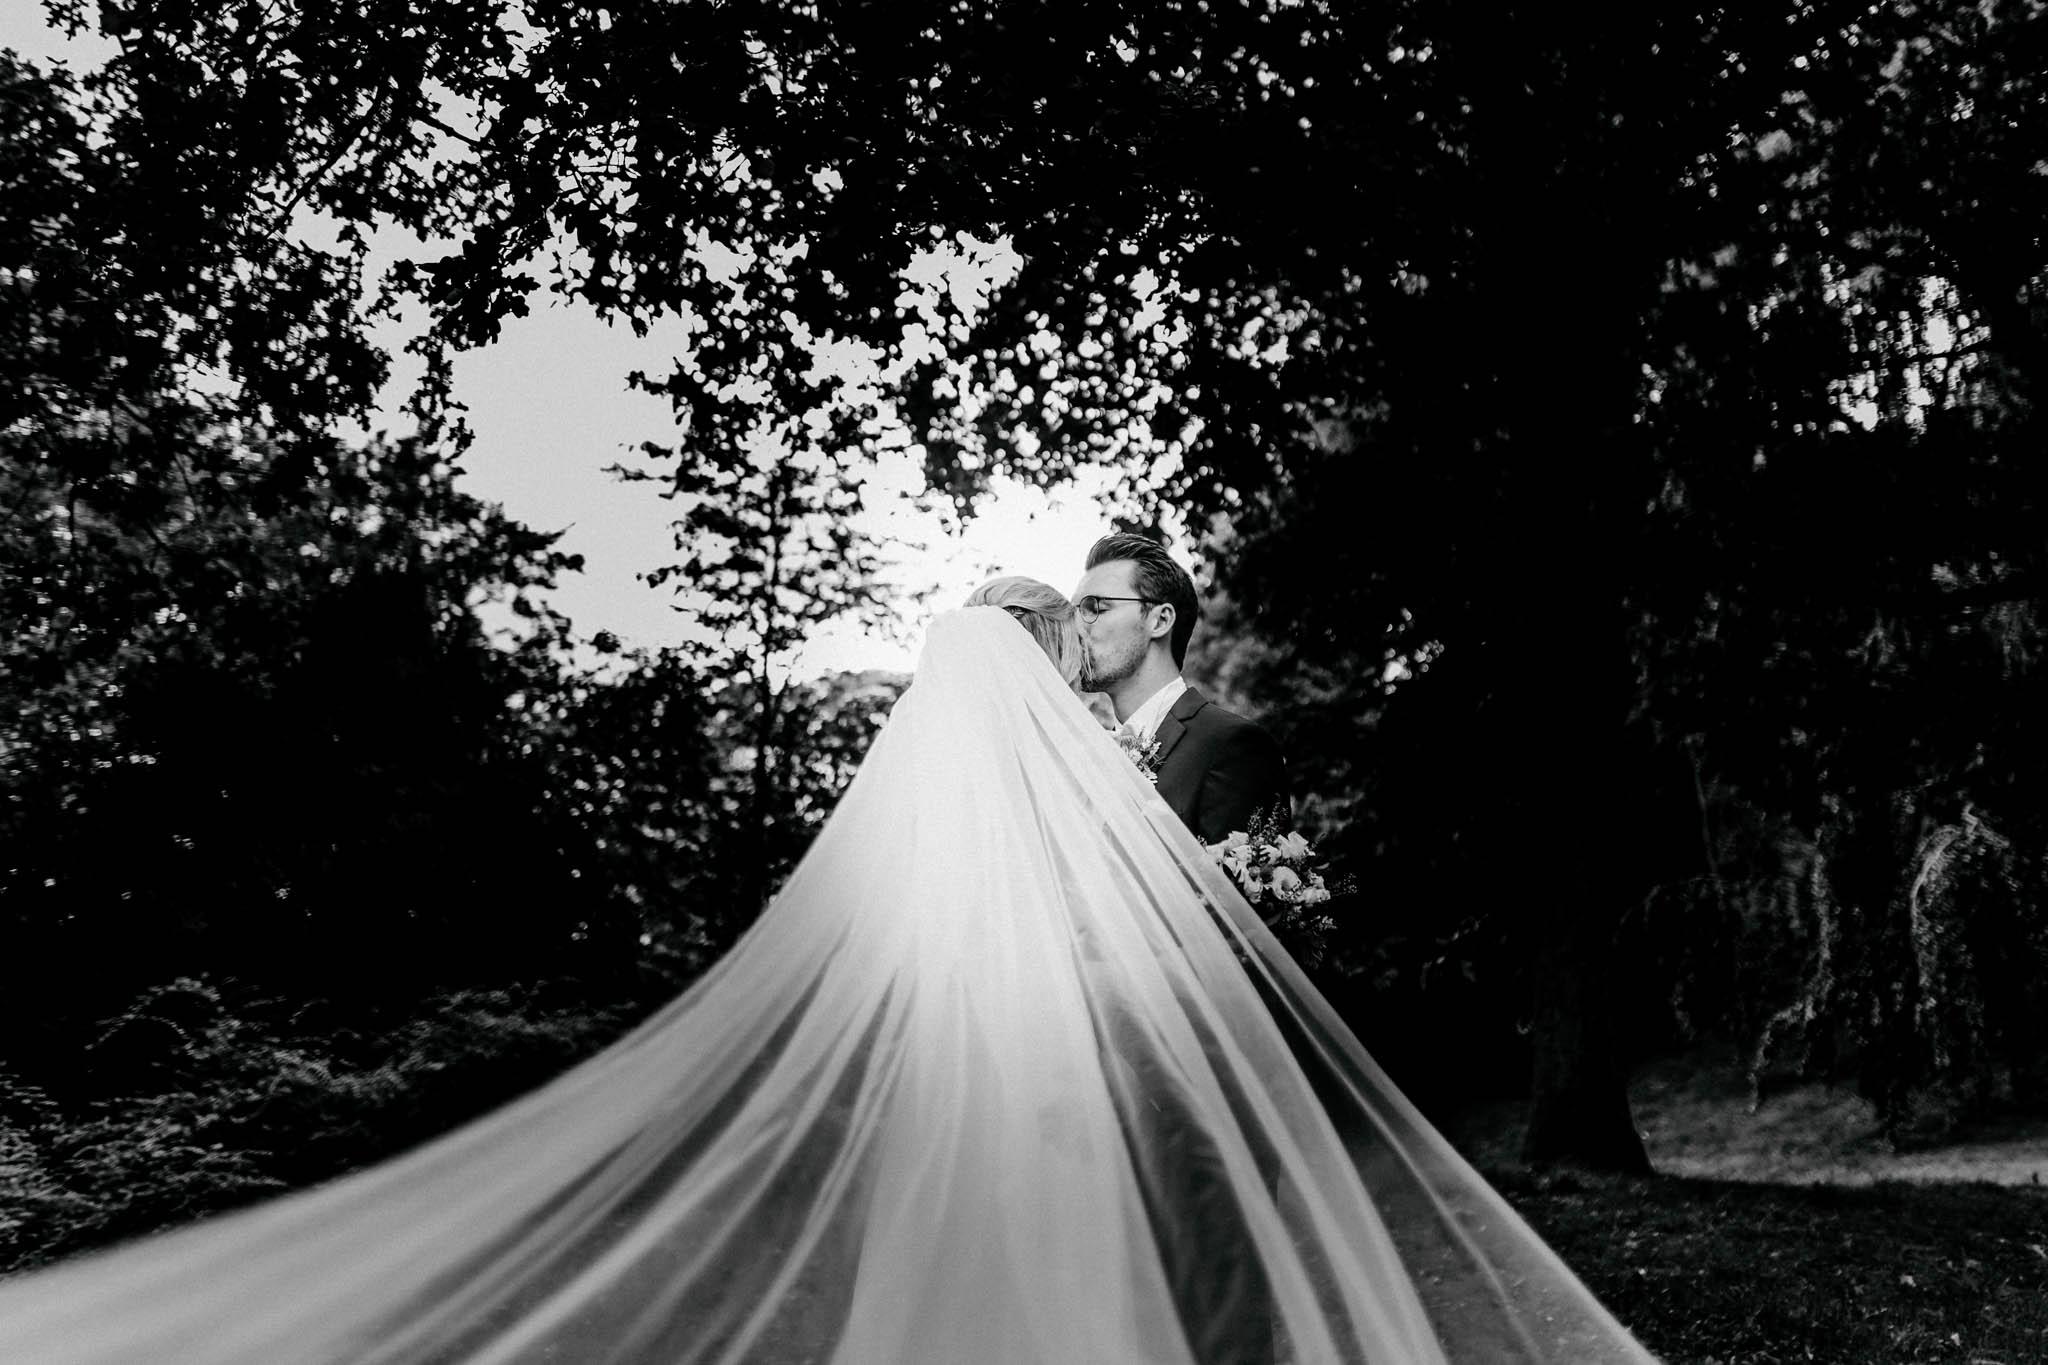 Hochzeitsfieber by Photo-Schomburg, Hochzeitsfotograf, Hamburg, Bremen, Hochzeitstag, Hochzeitspaar, Braut, Bräutigam, Bremen-Kränholm,Knoops Park-158